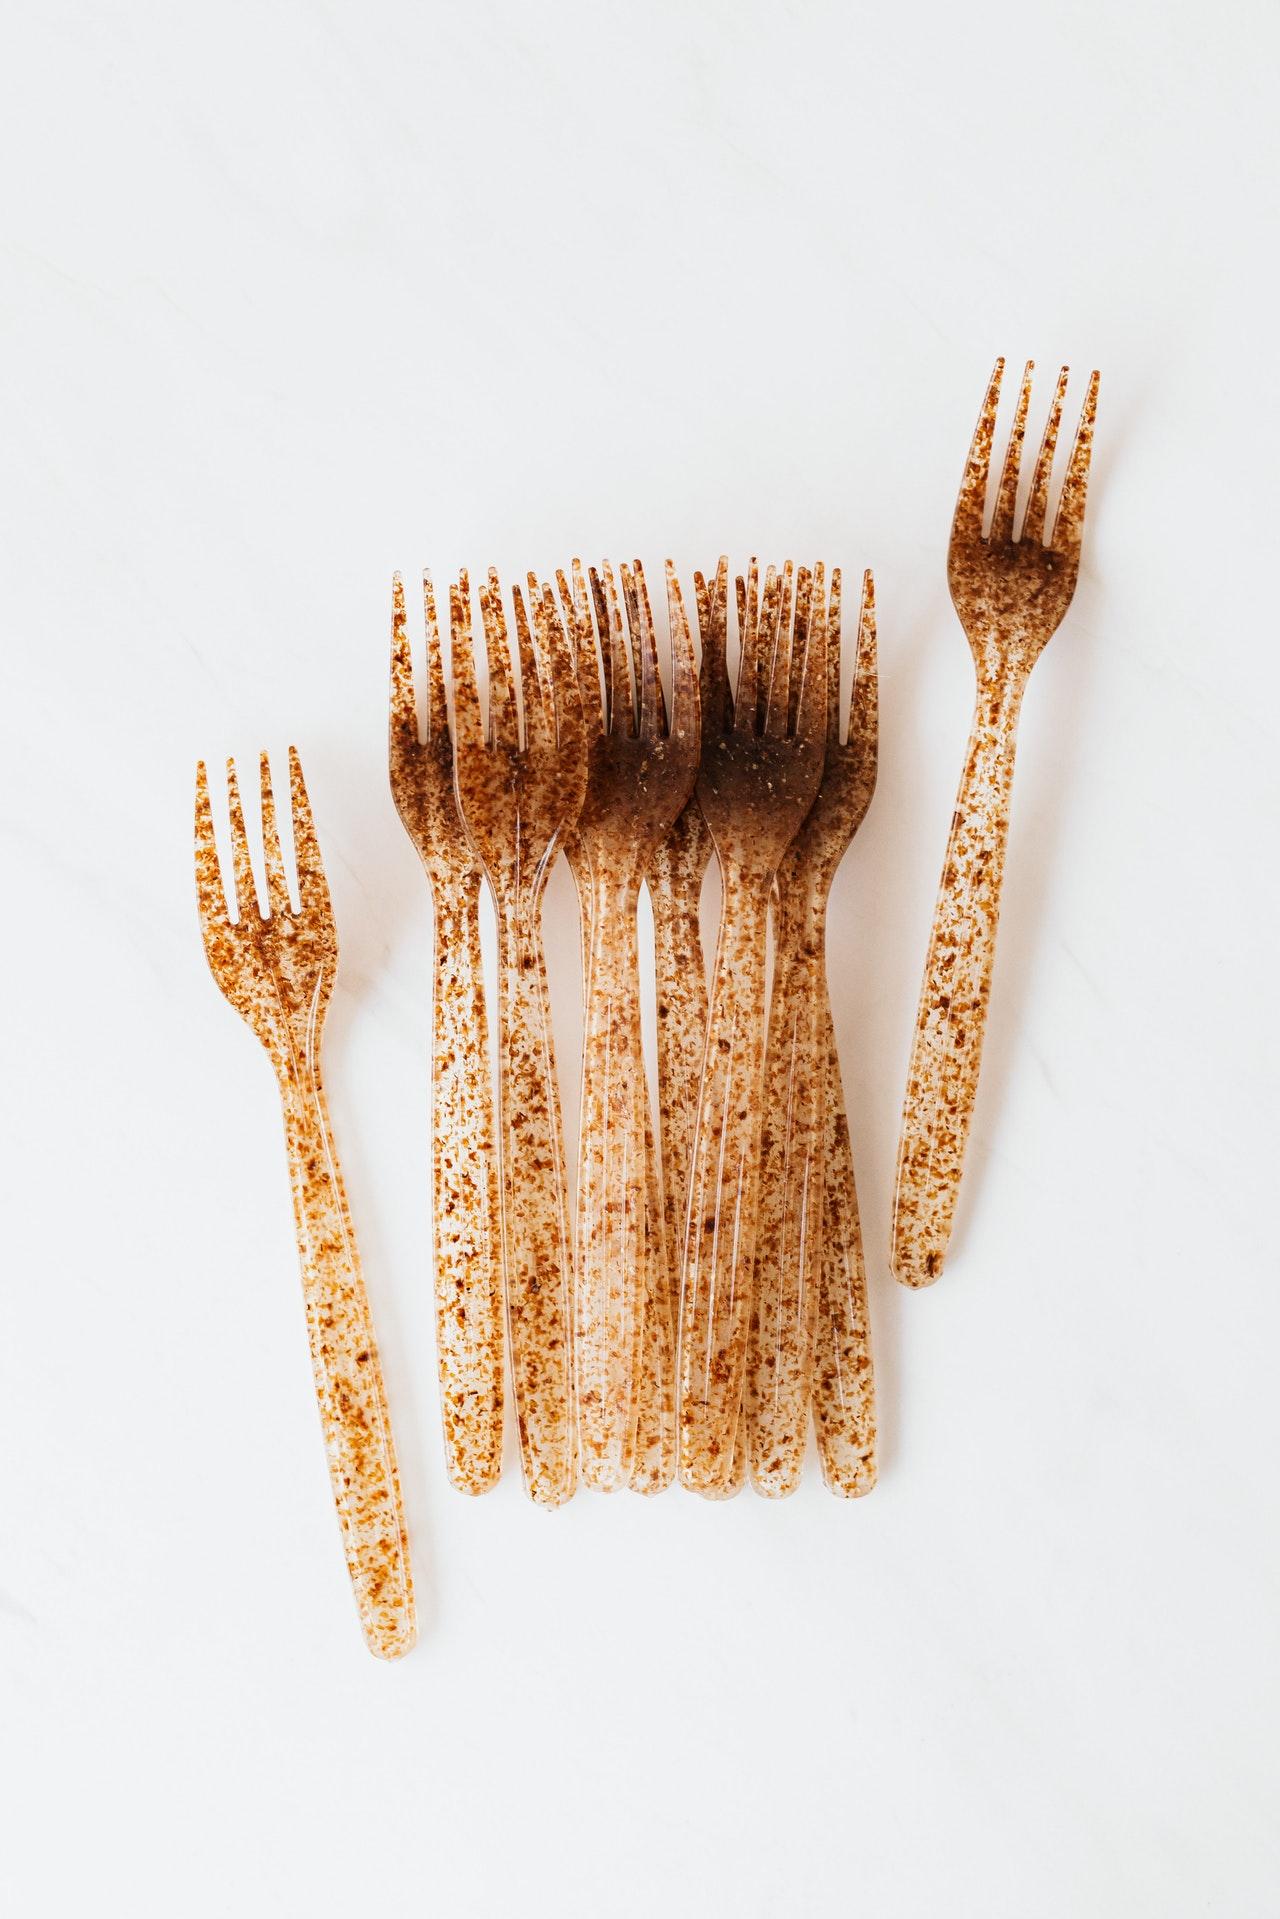 forchette-plastica-inquinamento